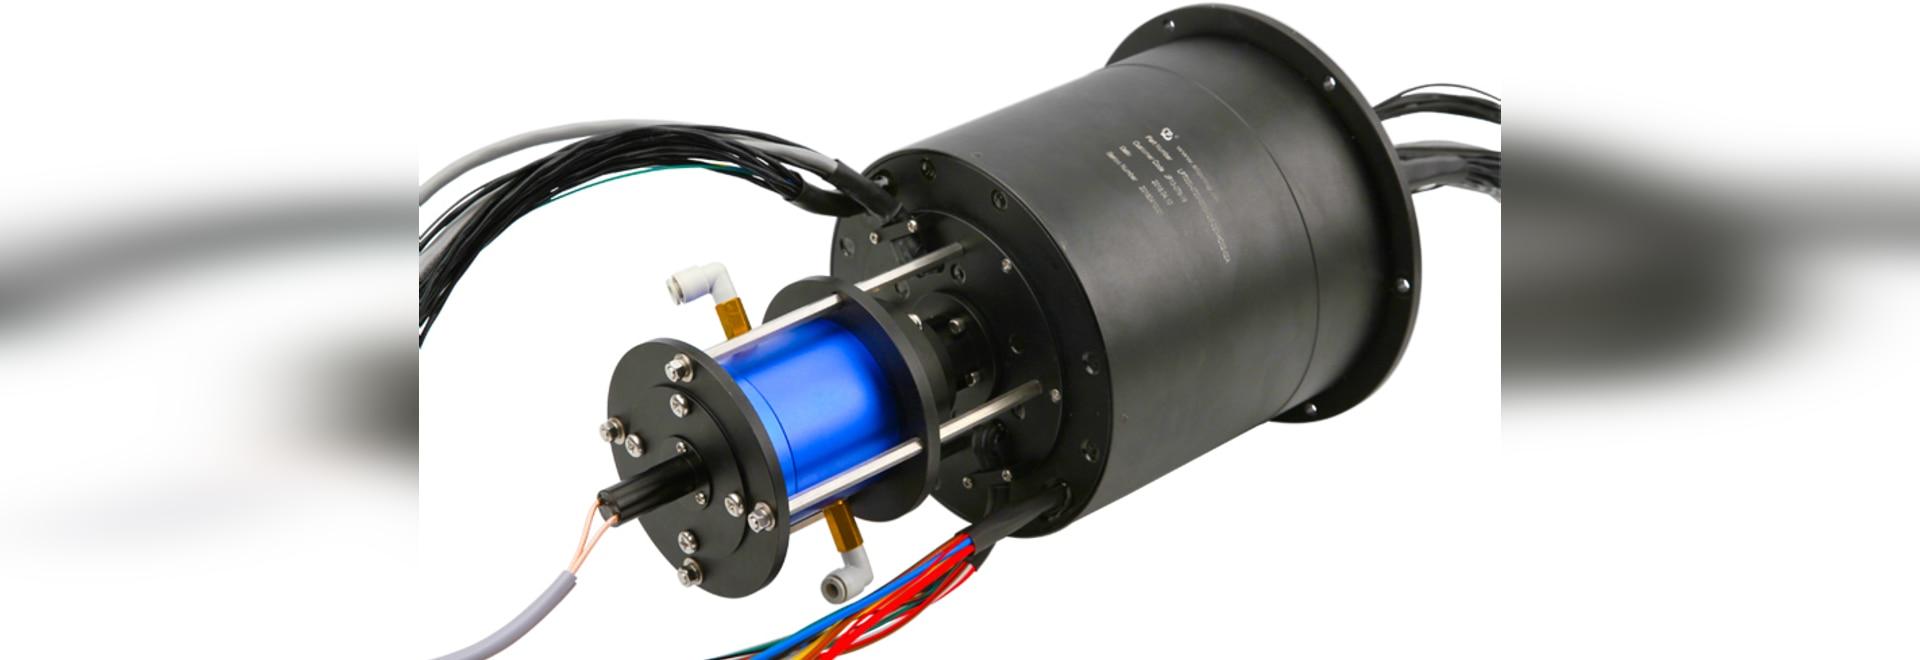 Giunto rotante integrato idraulico ed elettrico pneumatico